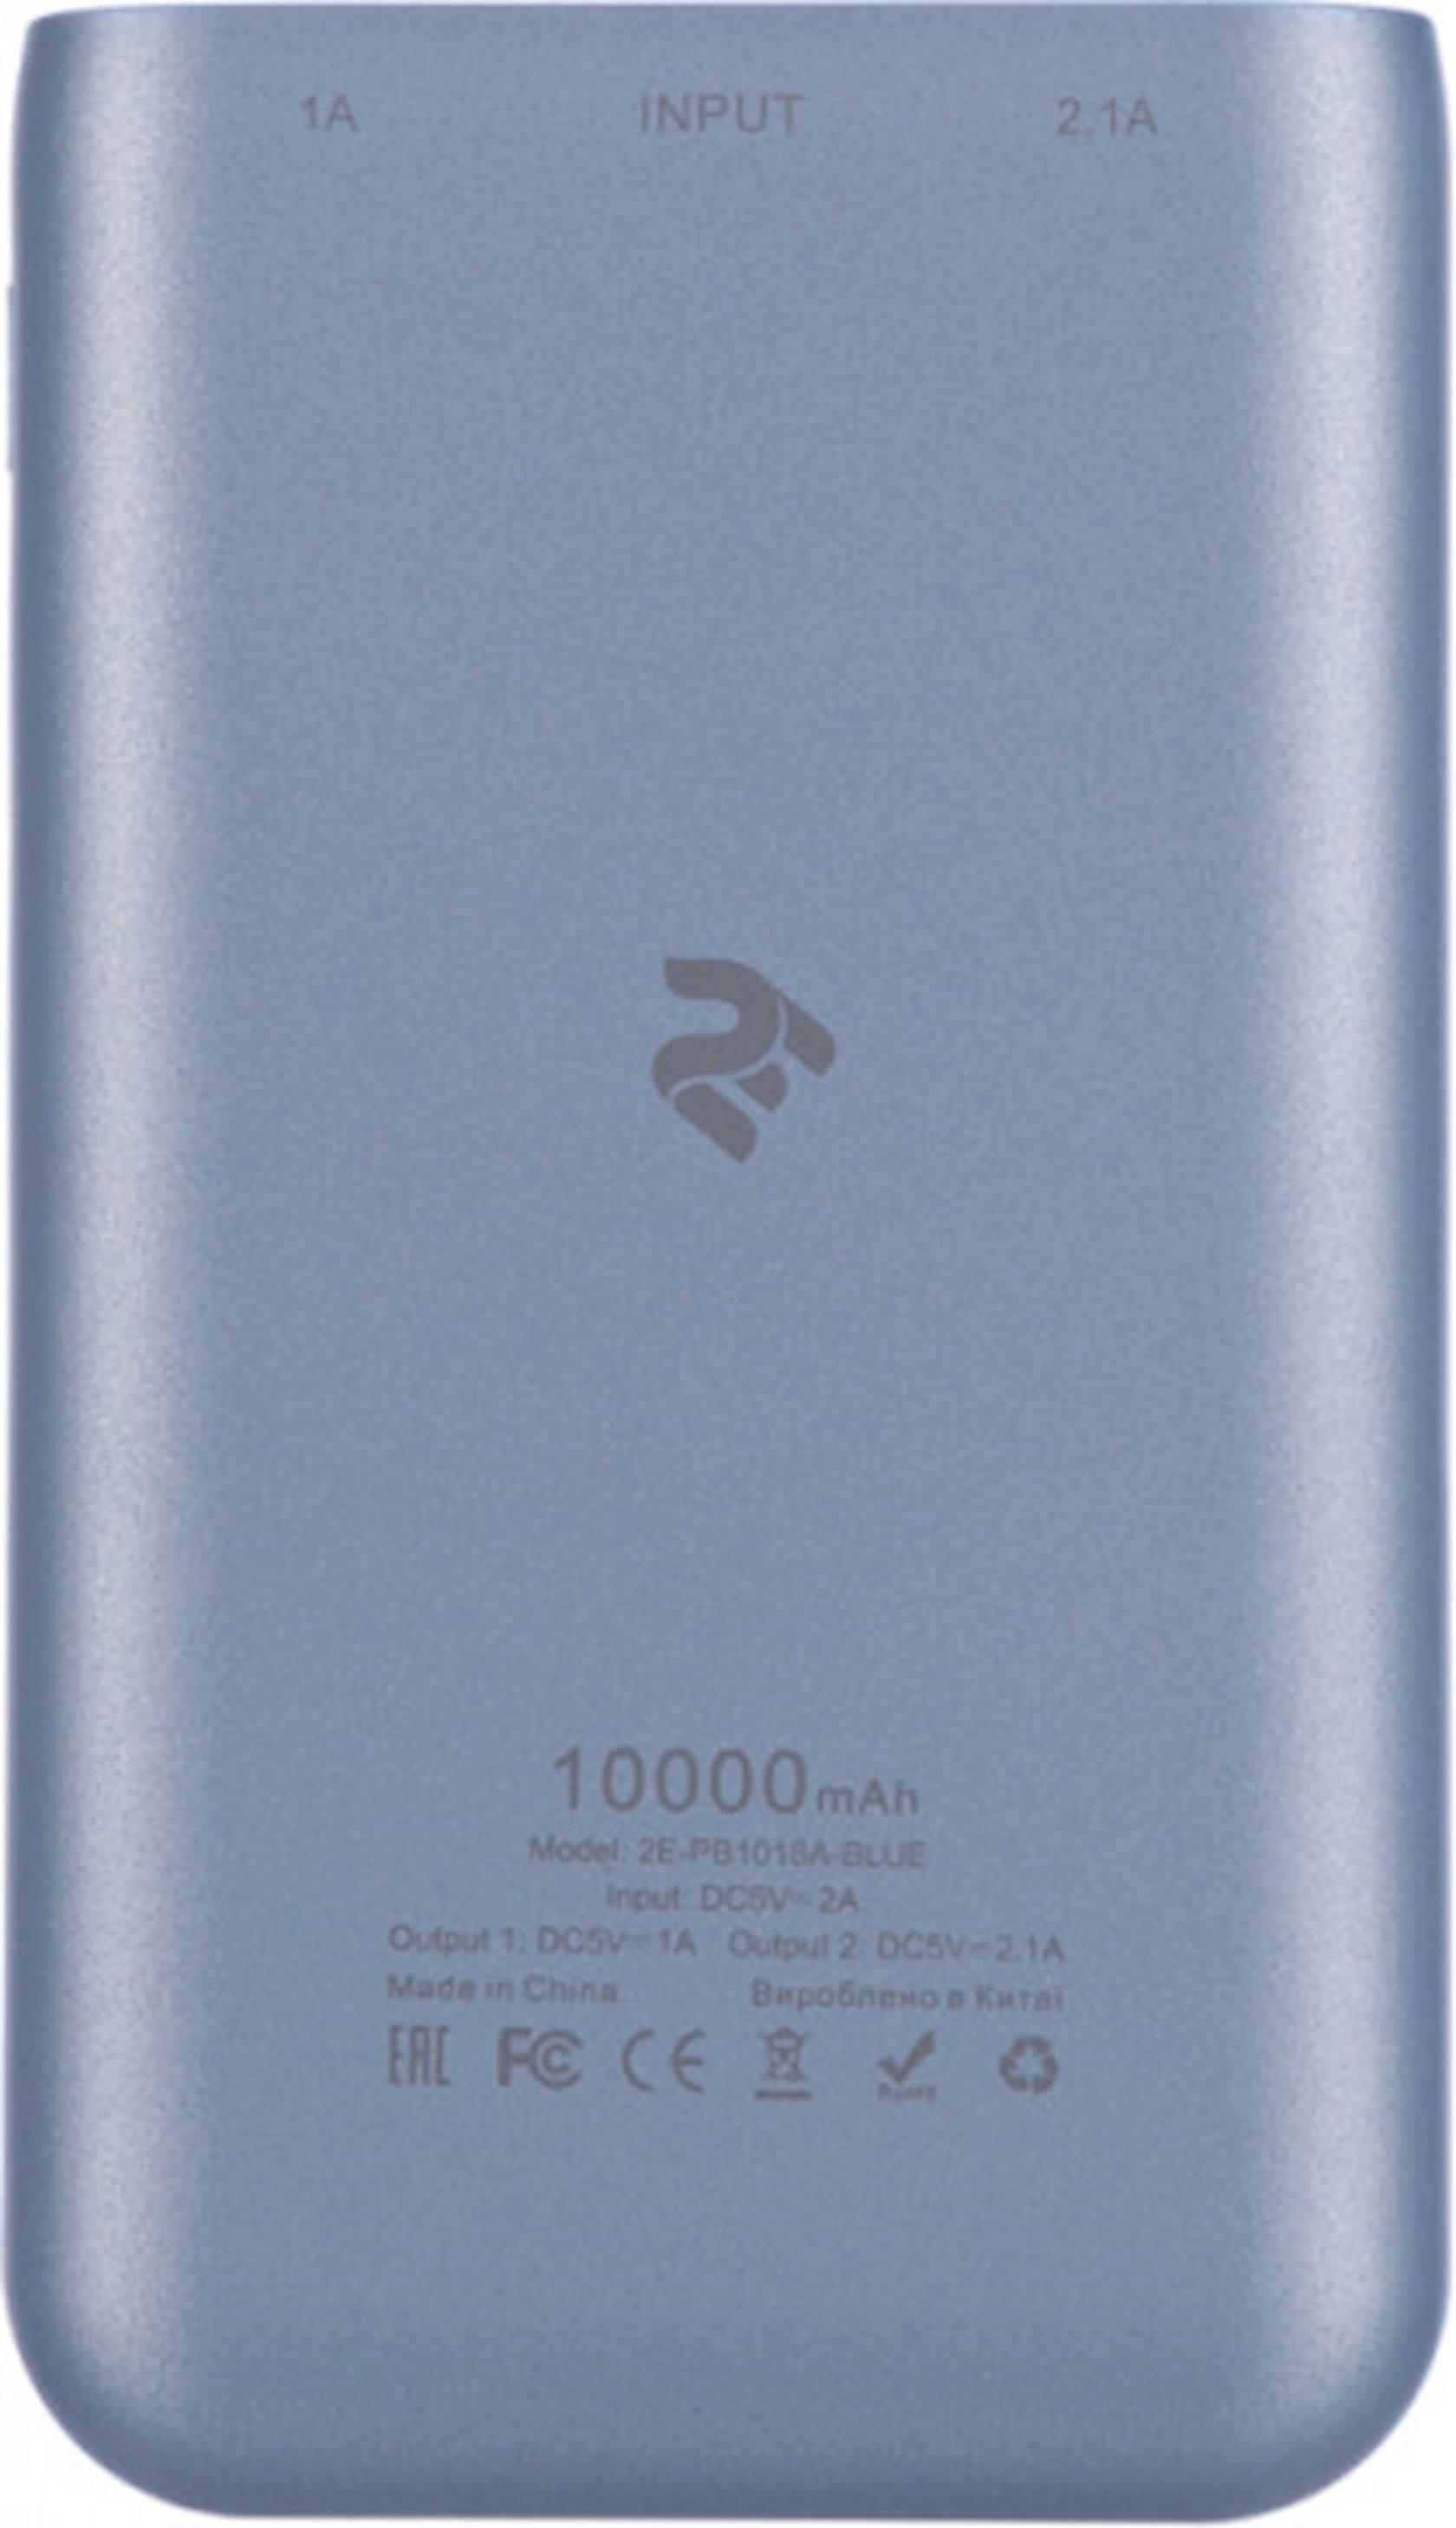 Power Bank 2E 10000 mAs